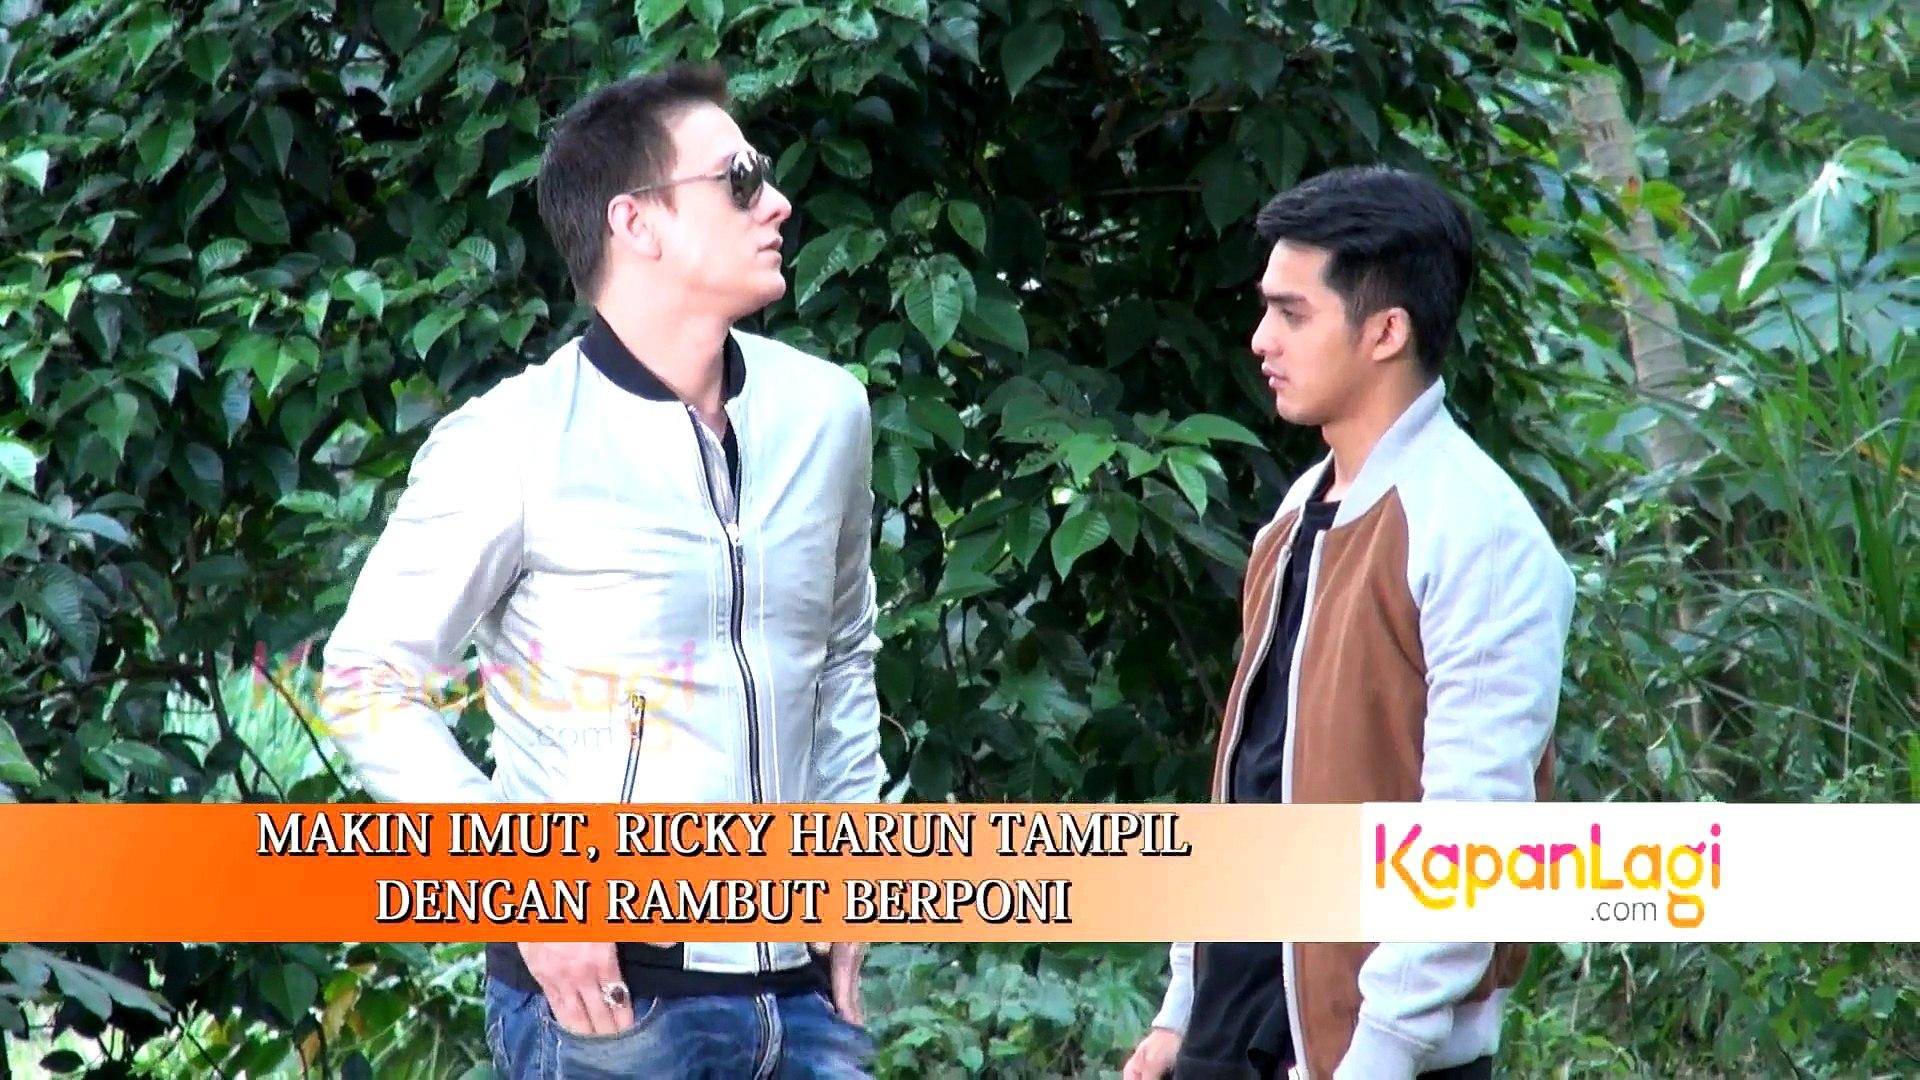 Makin Imut Ricky Harun Tampil Dengan Rambut Berponi Video Dailymotion